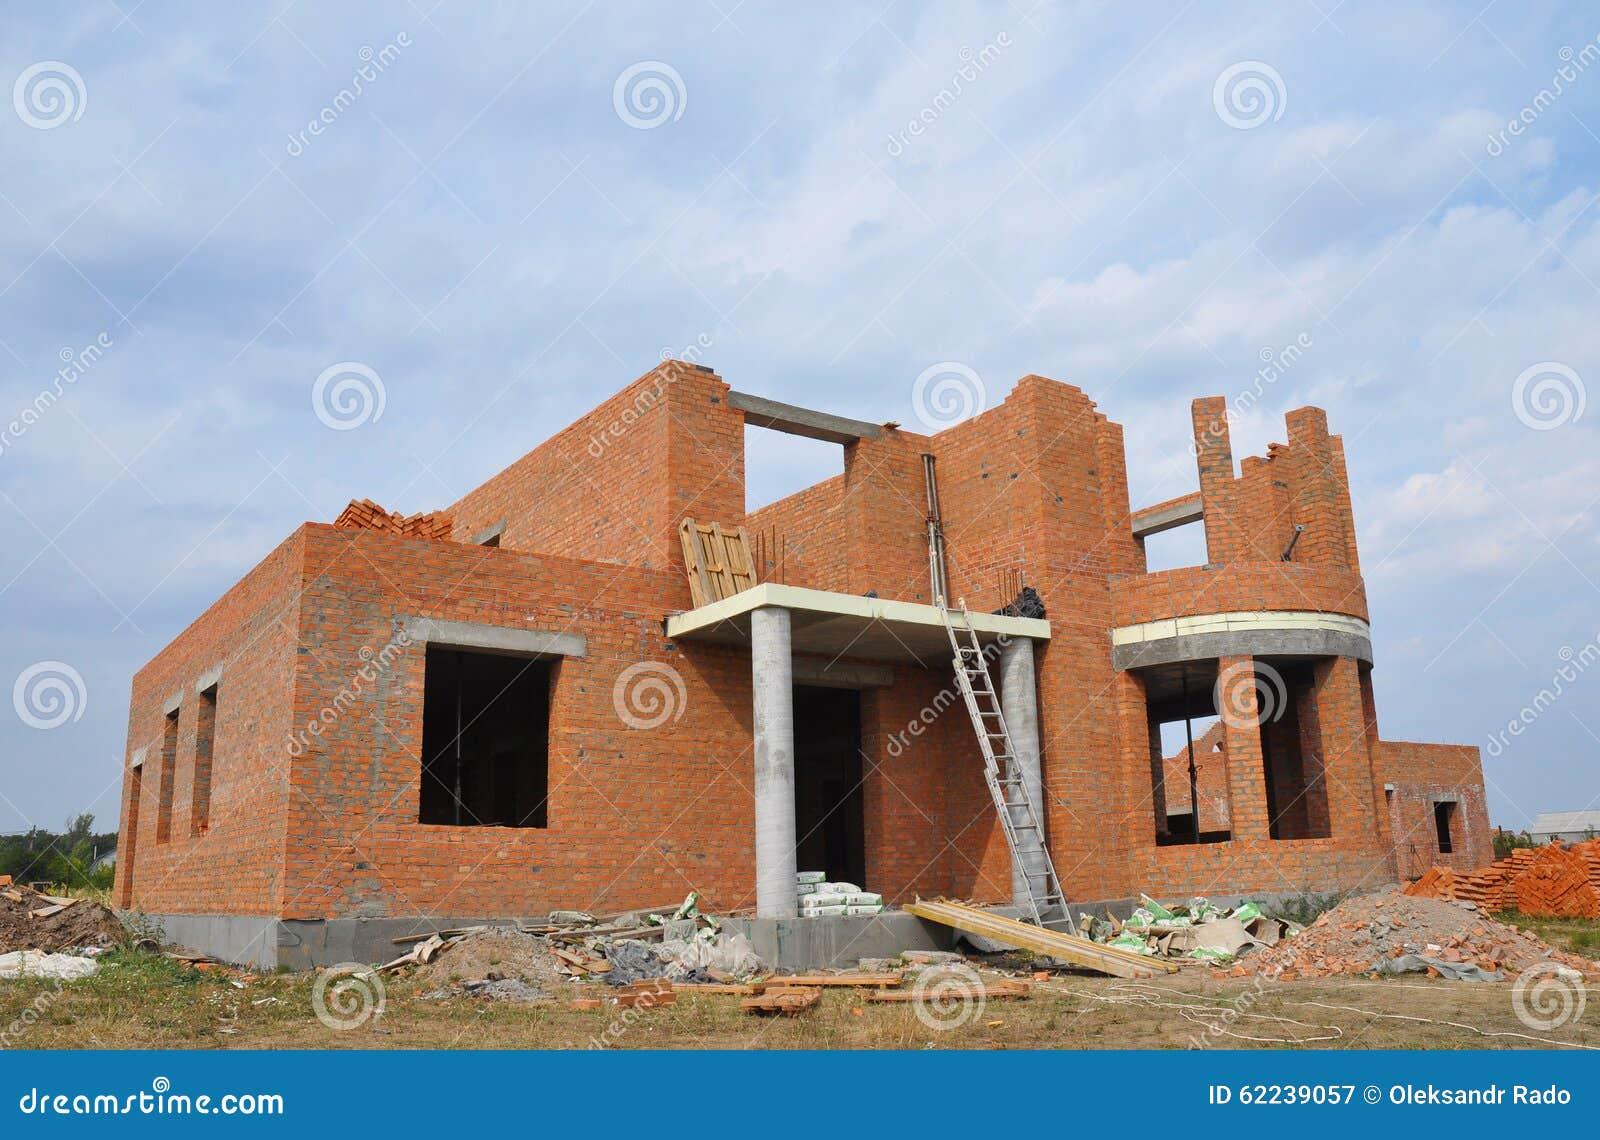 Colori Per Esterni Casa Nuova Costruzione : Nuova costruzione della casa con mattoni a vista della costruzione